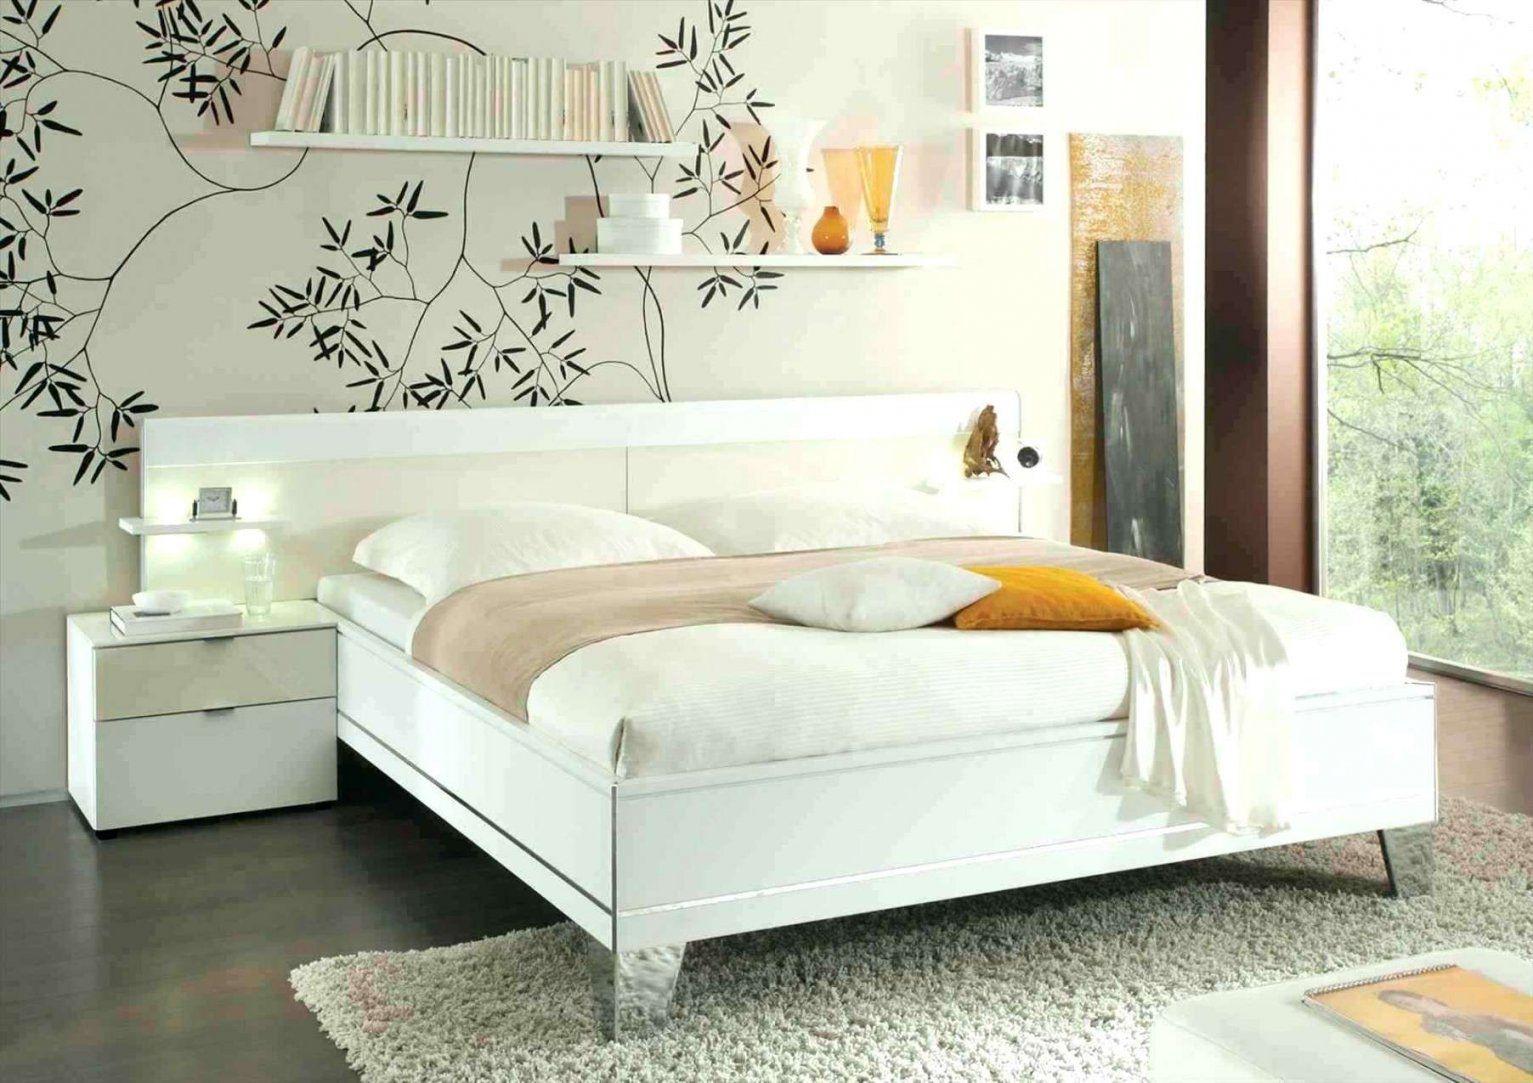 Beliebt Bett Kopfteil Gepolstert Kopfteil Bett Selber Machen Polster von Bett Kopfteil Gepolstert Selber Machen Photo